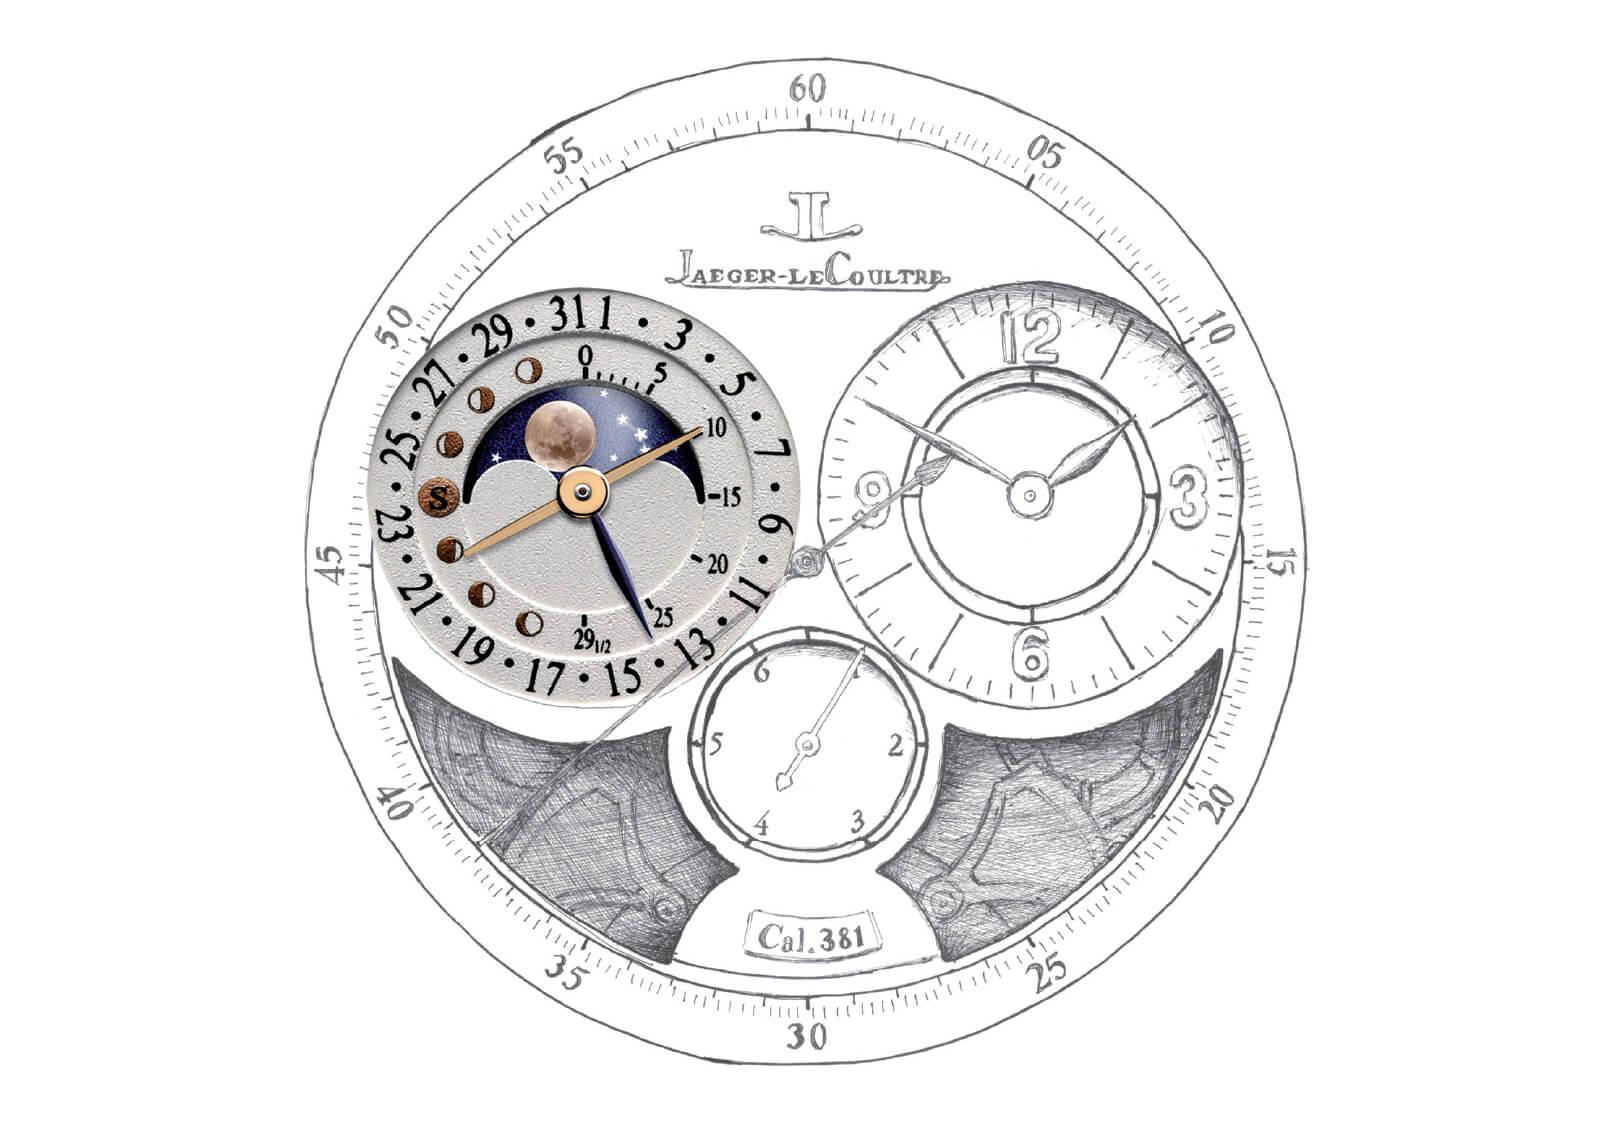 Ilustração mostrador Jaeger-LeCoultre Duomètre à Quantième Lunaire Ref. Q6042420 | © Ilustrações de Magda Pedrosa / Espiral do Tempo